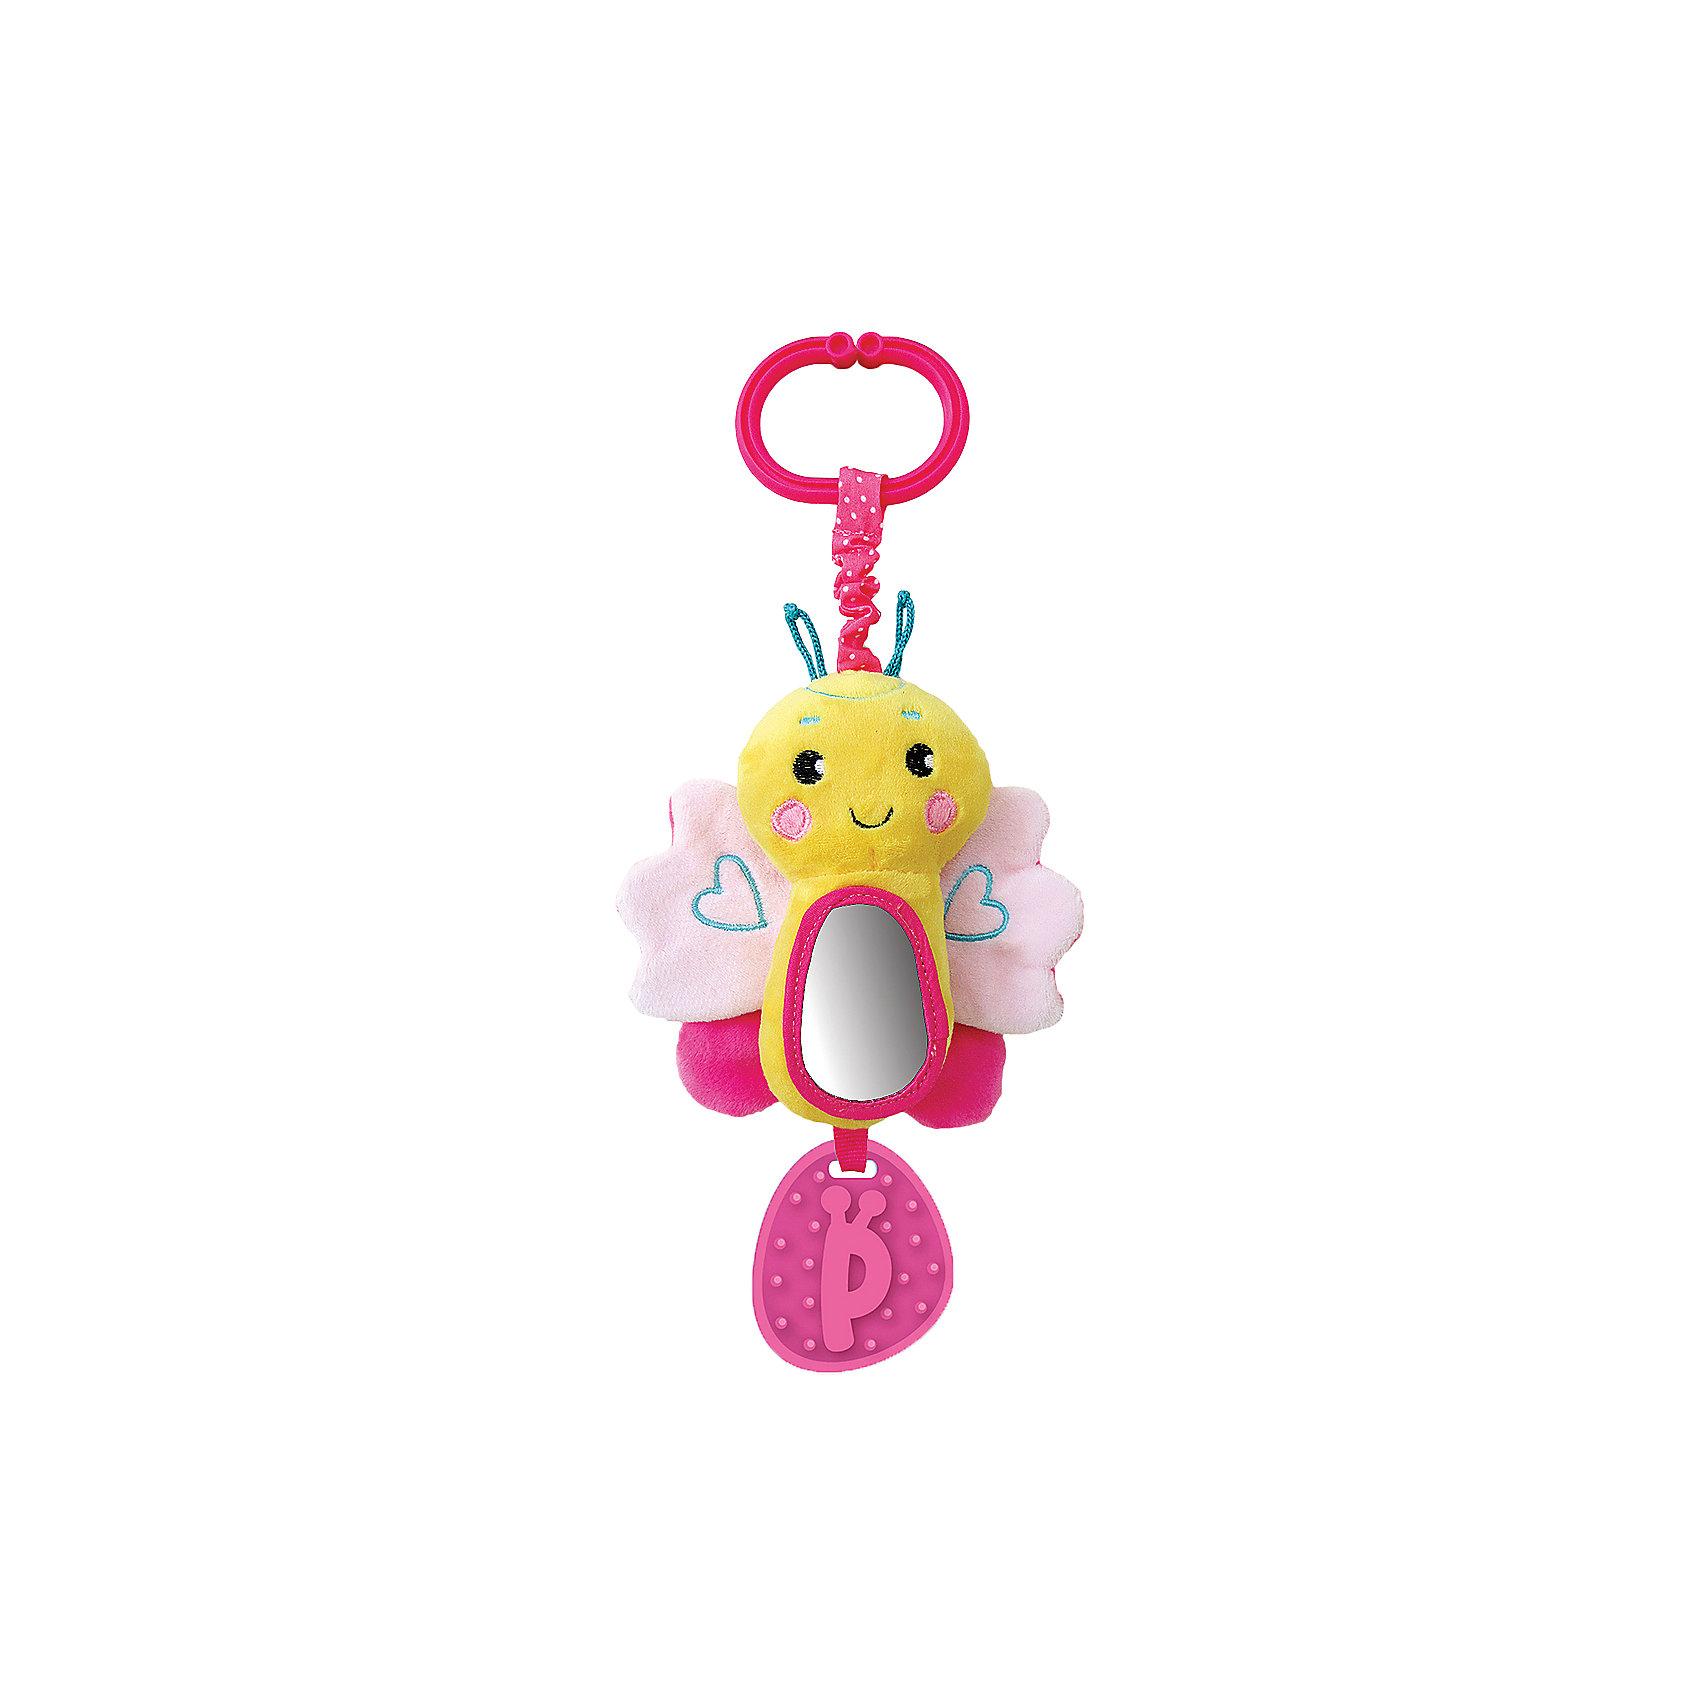 Игрушка-подвеска Жирафики Бабочка, розоваяПодвески<br>Характеристики:<br><br>• музыкальная игрушка и погремушка;<br>• прорезыватель в нижней части;<br>• размер: 19х13х3 см;<br>• возраст: от 1 месяца;<br>• материал: пластик, текстиль, резина;<br>• размер упаковки: 38х4х17 см;<br>• вес: 113 грамм;<br>• страна бренда: Россия.<br><br>Яркая подвесная бабочка привлечет внимание малыша и подарит ему много радости. Потянув за колечко, кроха услышит приятную музыку, издаваемую игрушкой.<br><br>Для развития ребенка игрушка дополнена шуршащими  вставками, пищалкой и безопасным зеркальцем.<br><br>Внизу расположен прорезыватель, который поможет малышу справиться с неприятными ощущениями в период появления молочных зубов. Игрушку можно прикрепить к детской кроватке, автокреслу или коляске.<br><br>Подвеску с зеркальцем и звуком Бабочка, розовую, Жирафики можно купить в нашем интернет-магазине.<br><br>Ширина мм: 170<br>Глубина мм: 40<br>Высота мм: 430<br>Вес г: 133<br>Возраст от месяцев: 1<br>Возраст до месяцев: 2147483647<br>Пол: Женский<br>Возраст: Детский<br>SKU: 6885304